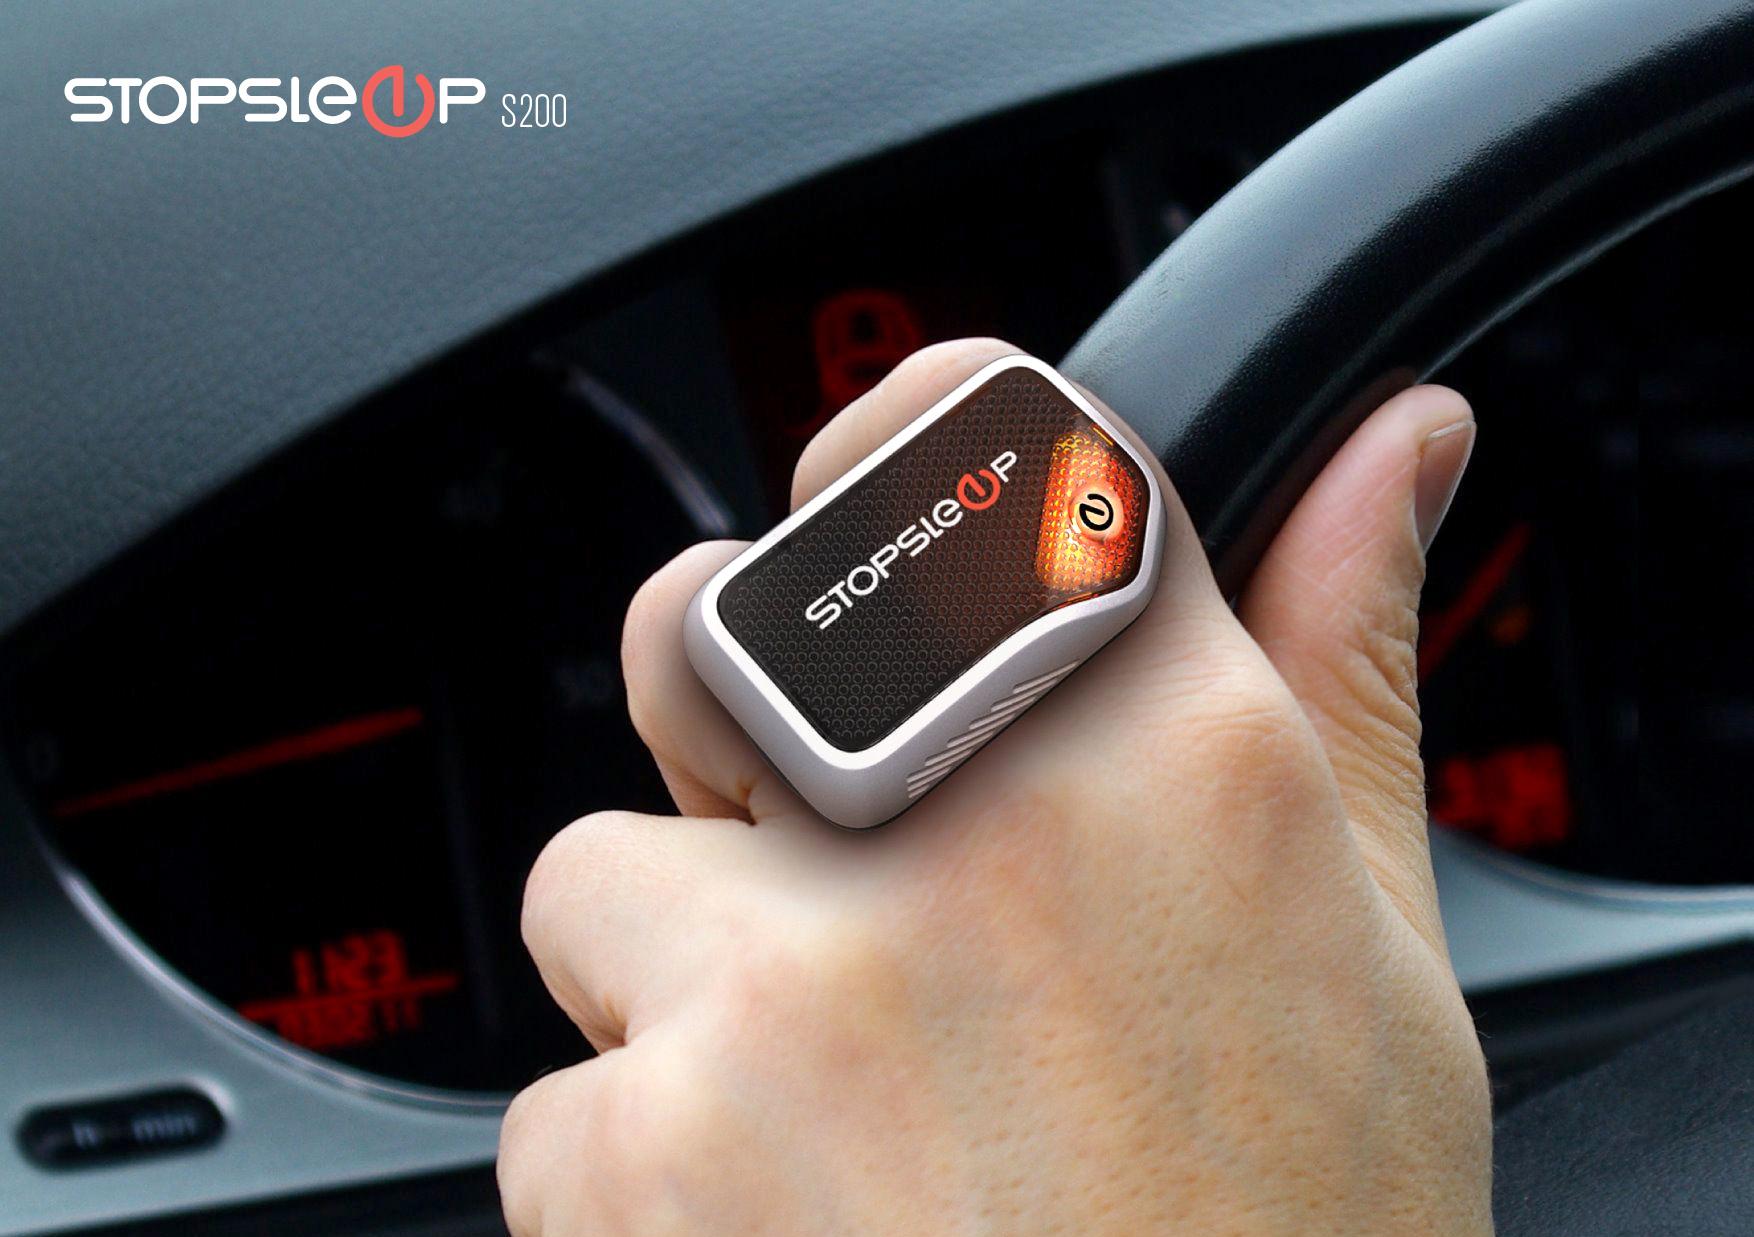 מניעת תאונות עייפות הנהג   STOPSLEEP